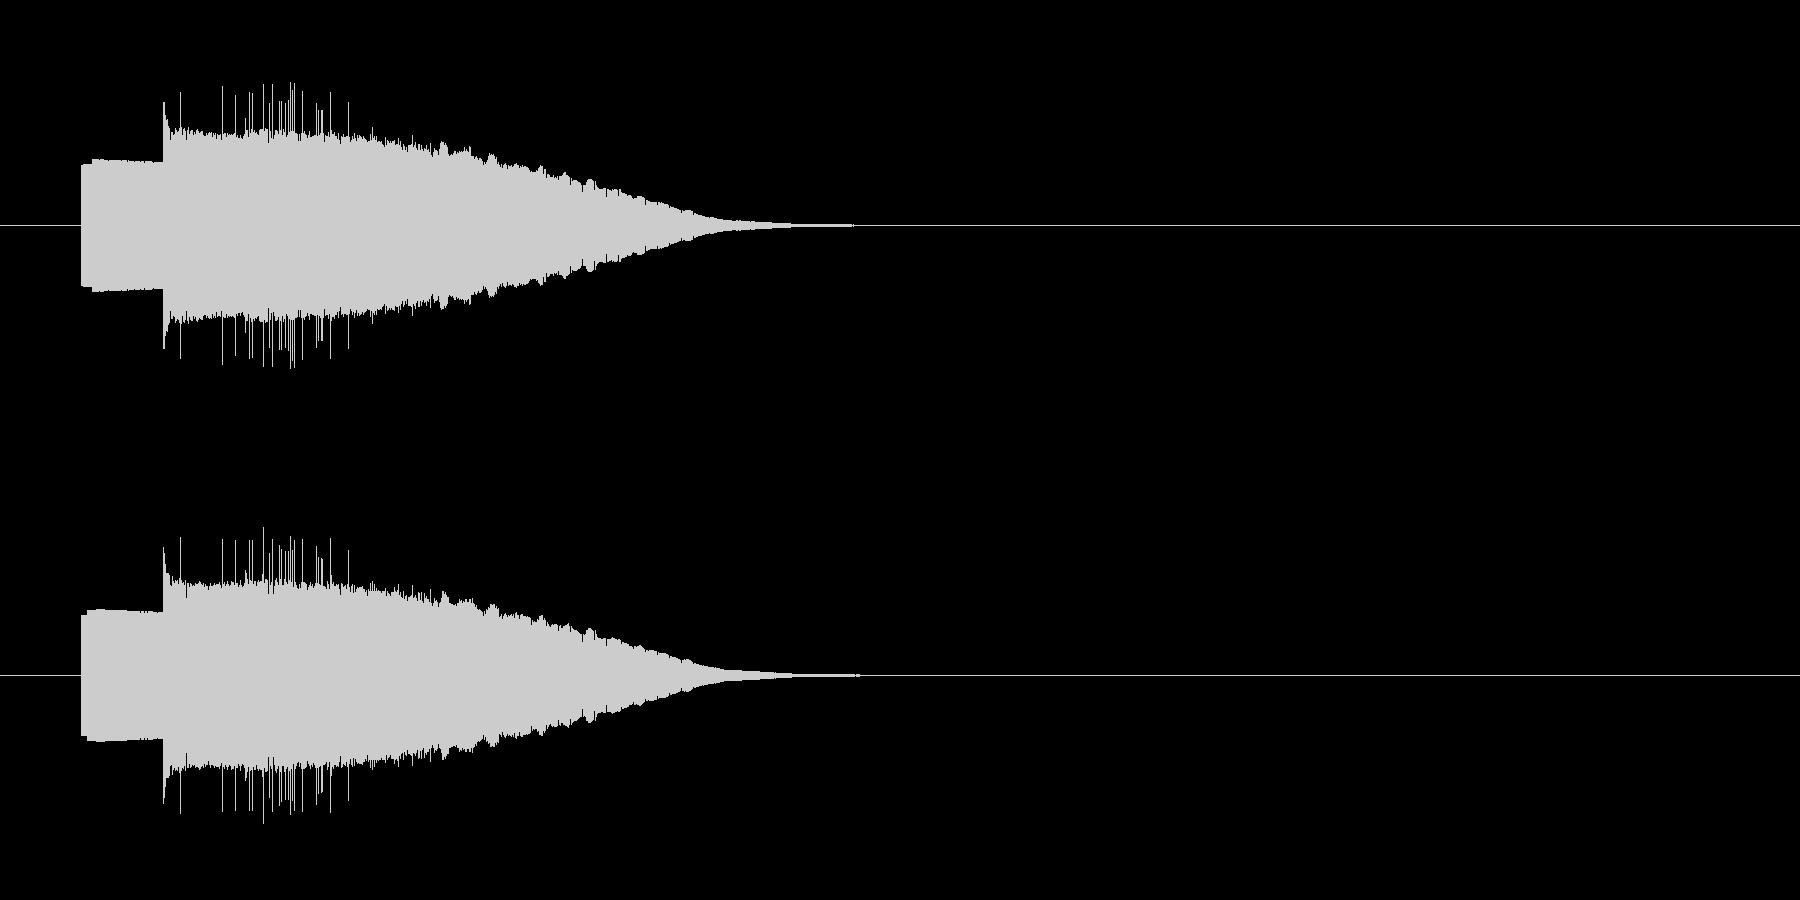 ファミコン風の操作系SEの未再生の波形